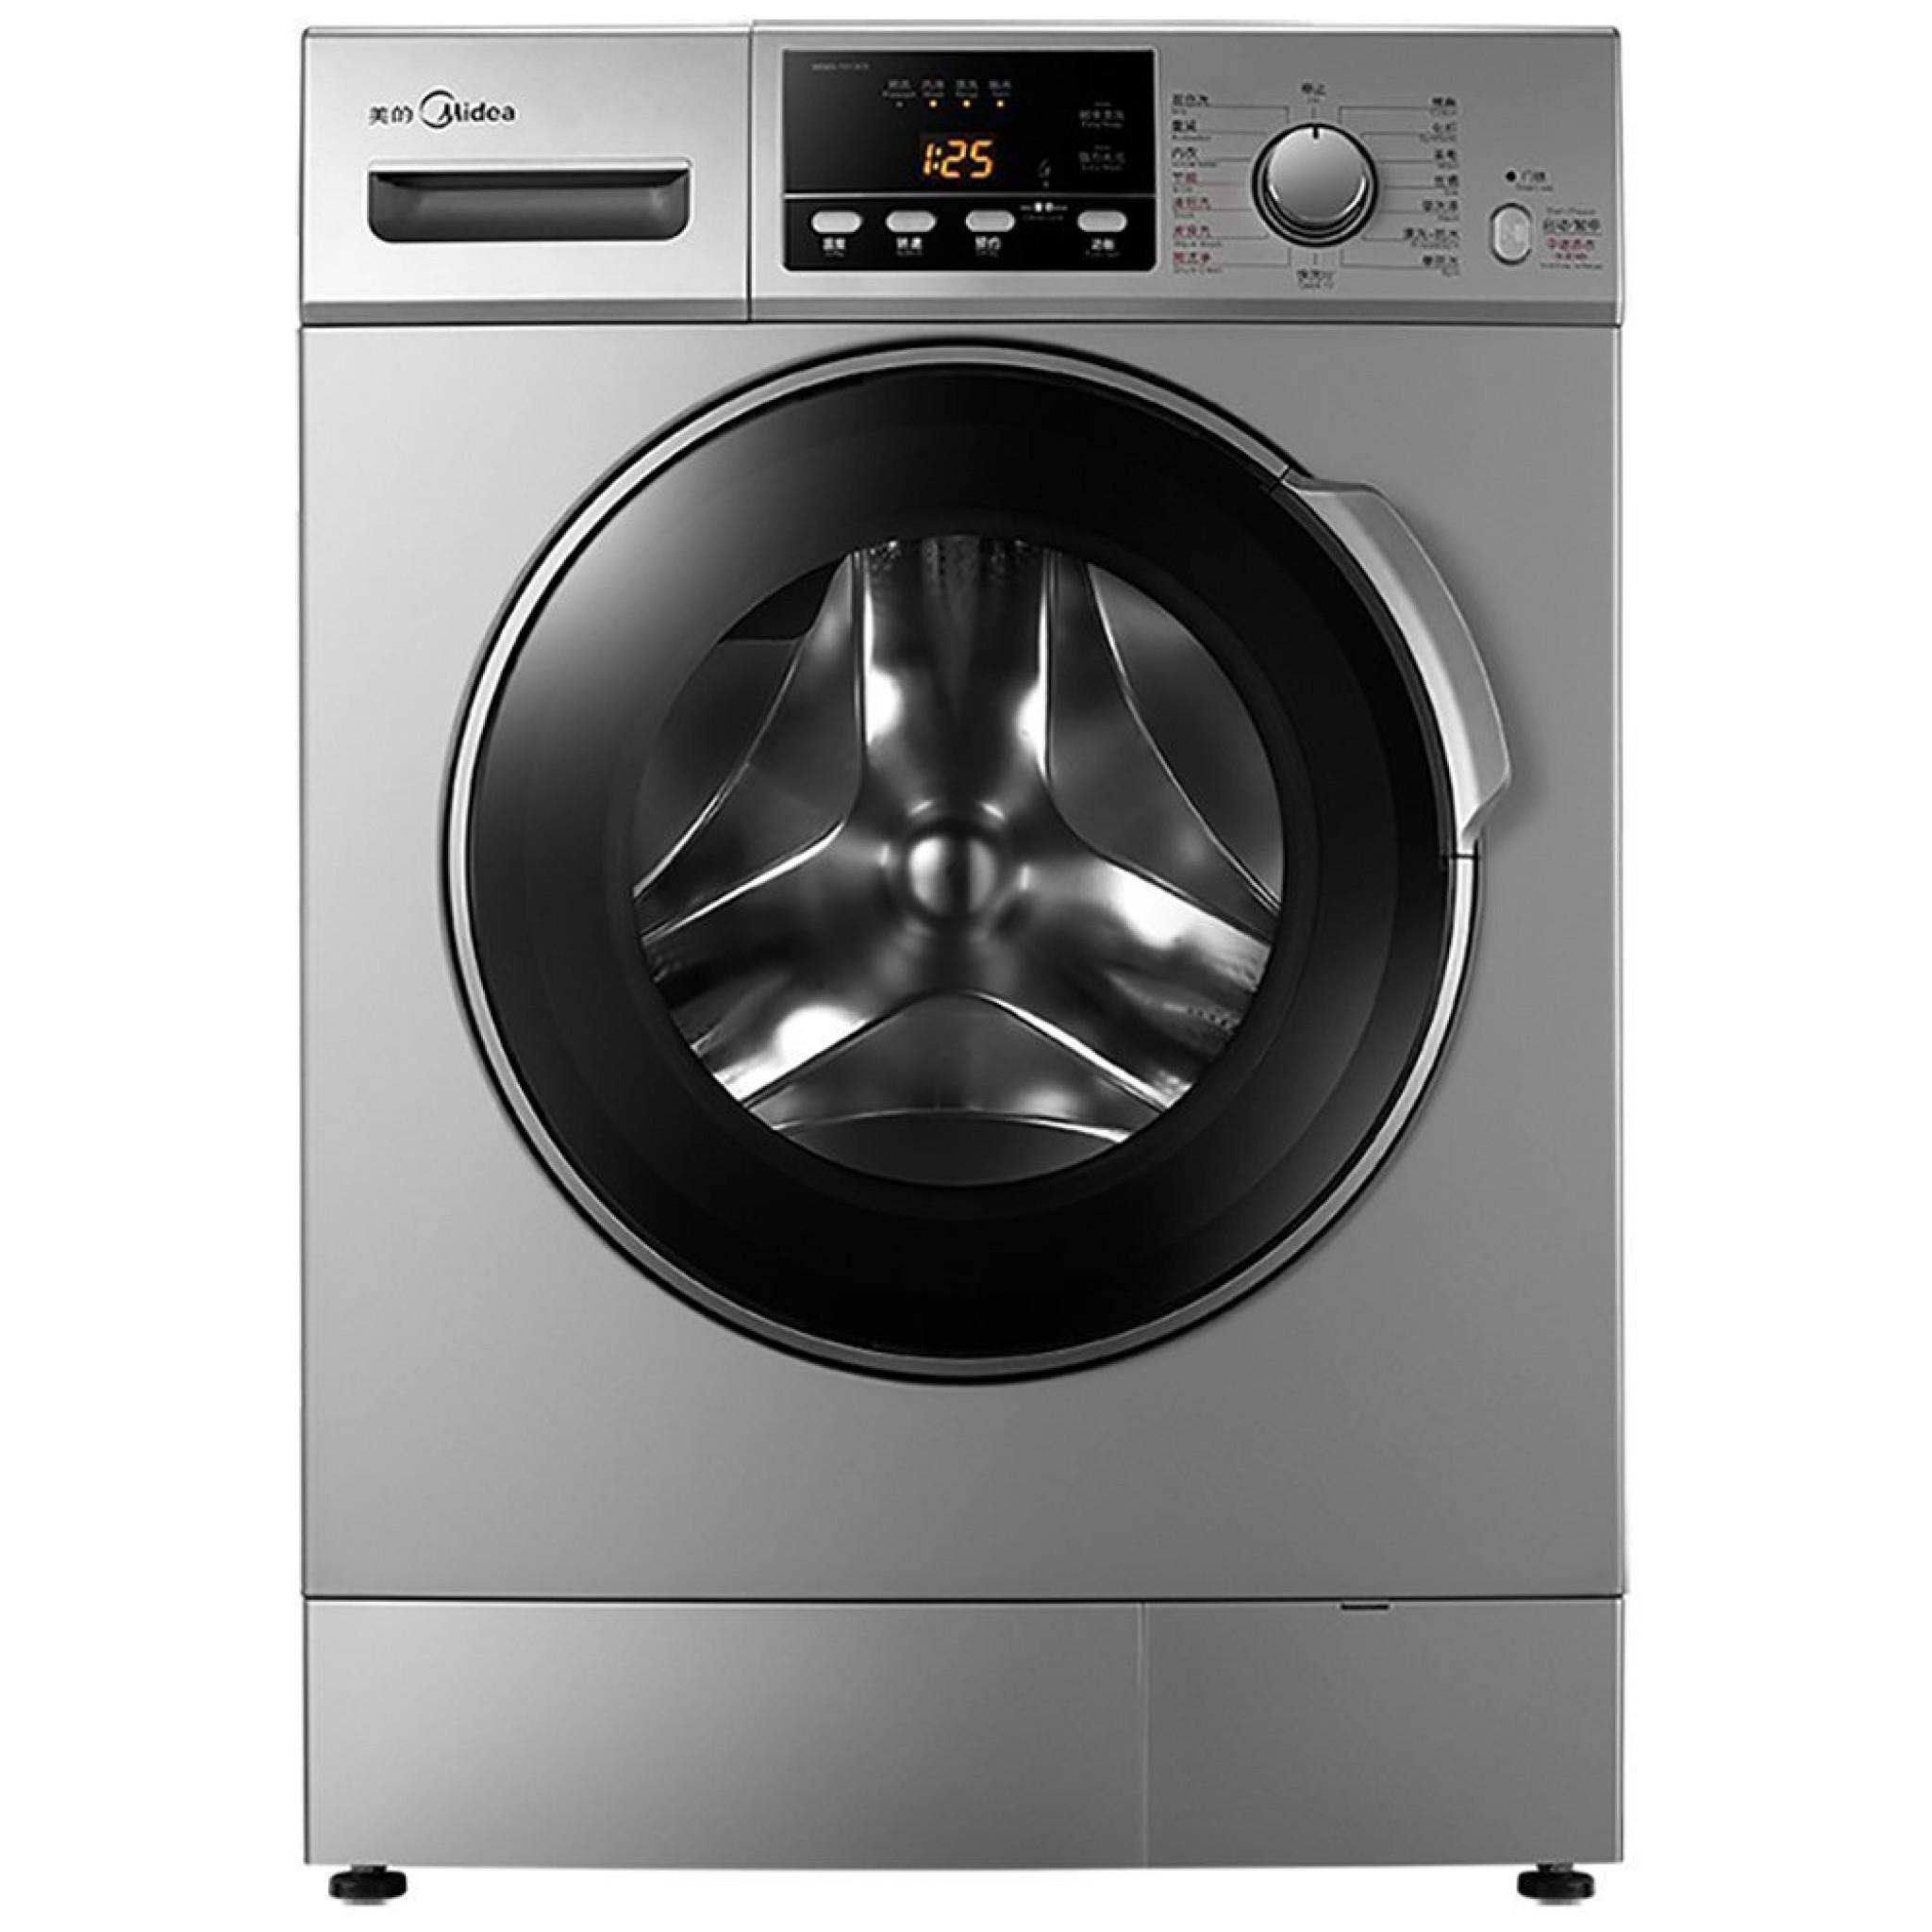 眉山哪里有洗衣机_超声波洗衣机相关-四川宏祥时代家电制冷设备有限公司